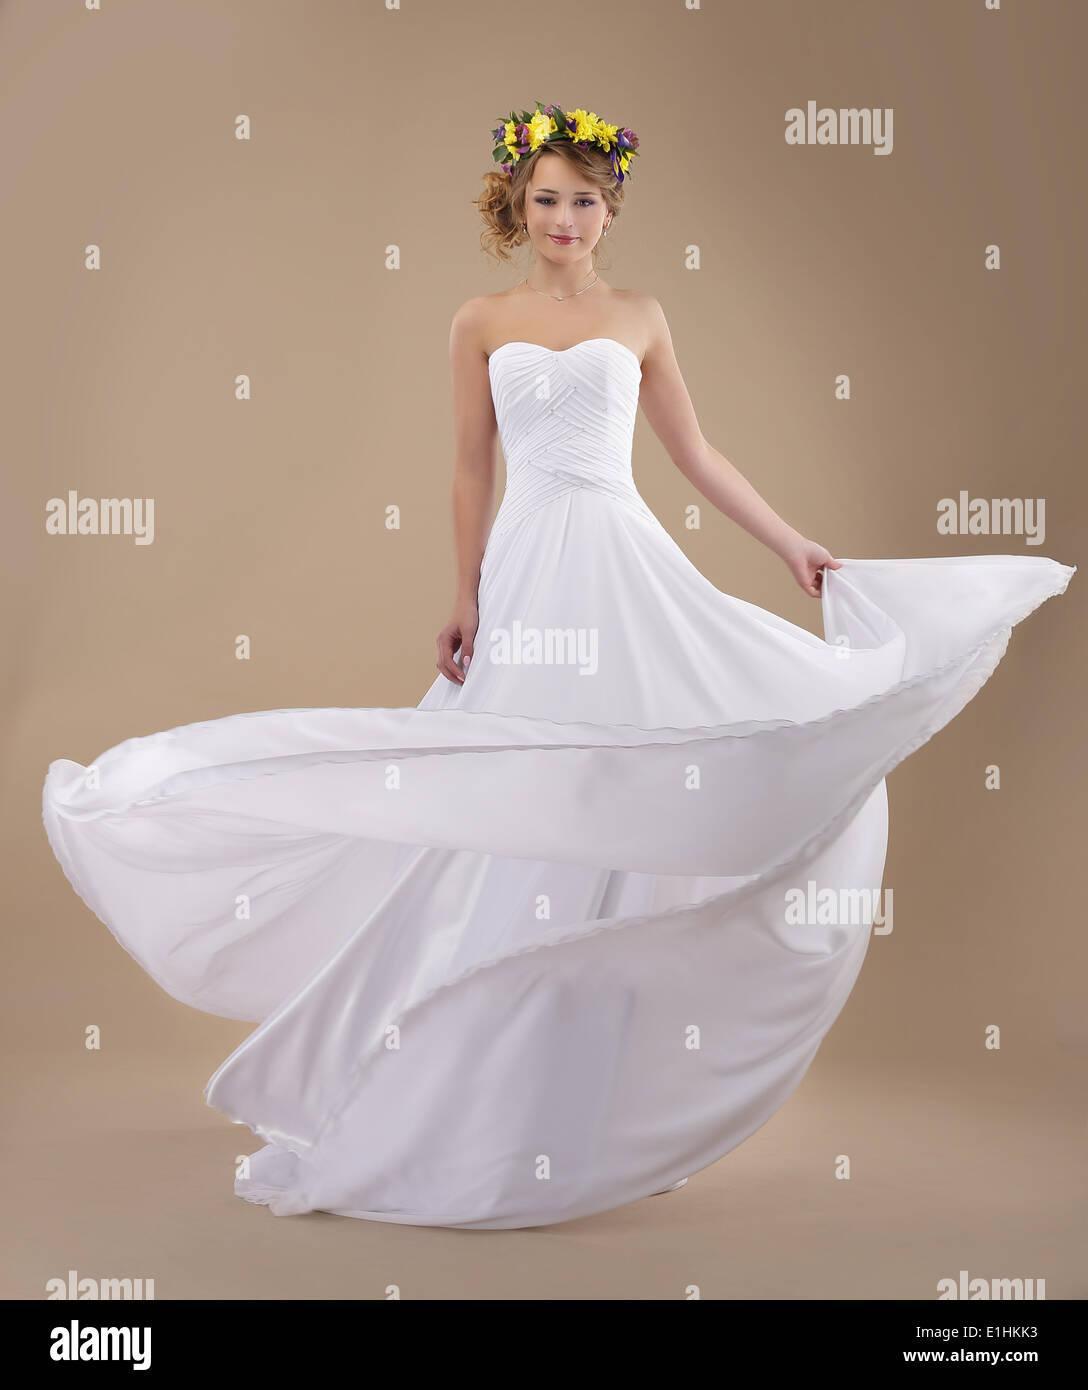 Bewegung. Frau mit Kranz aus Blumen und wehenden leichten Kleid Stockbild